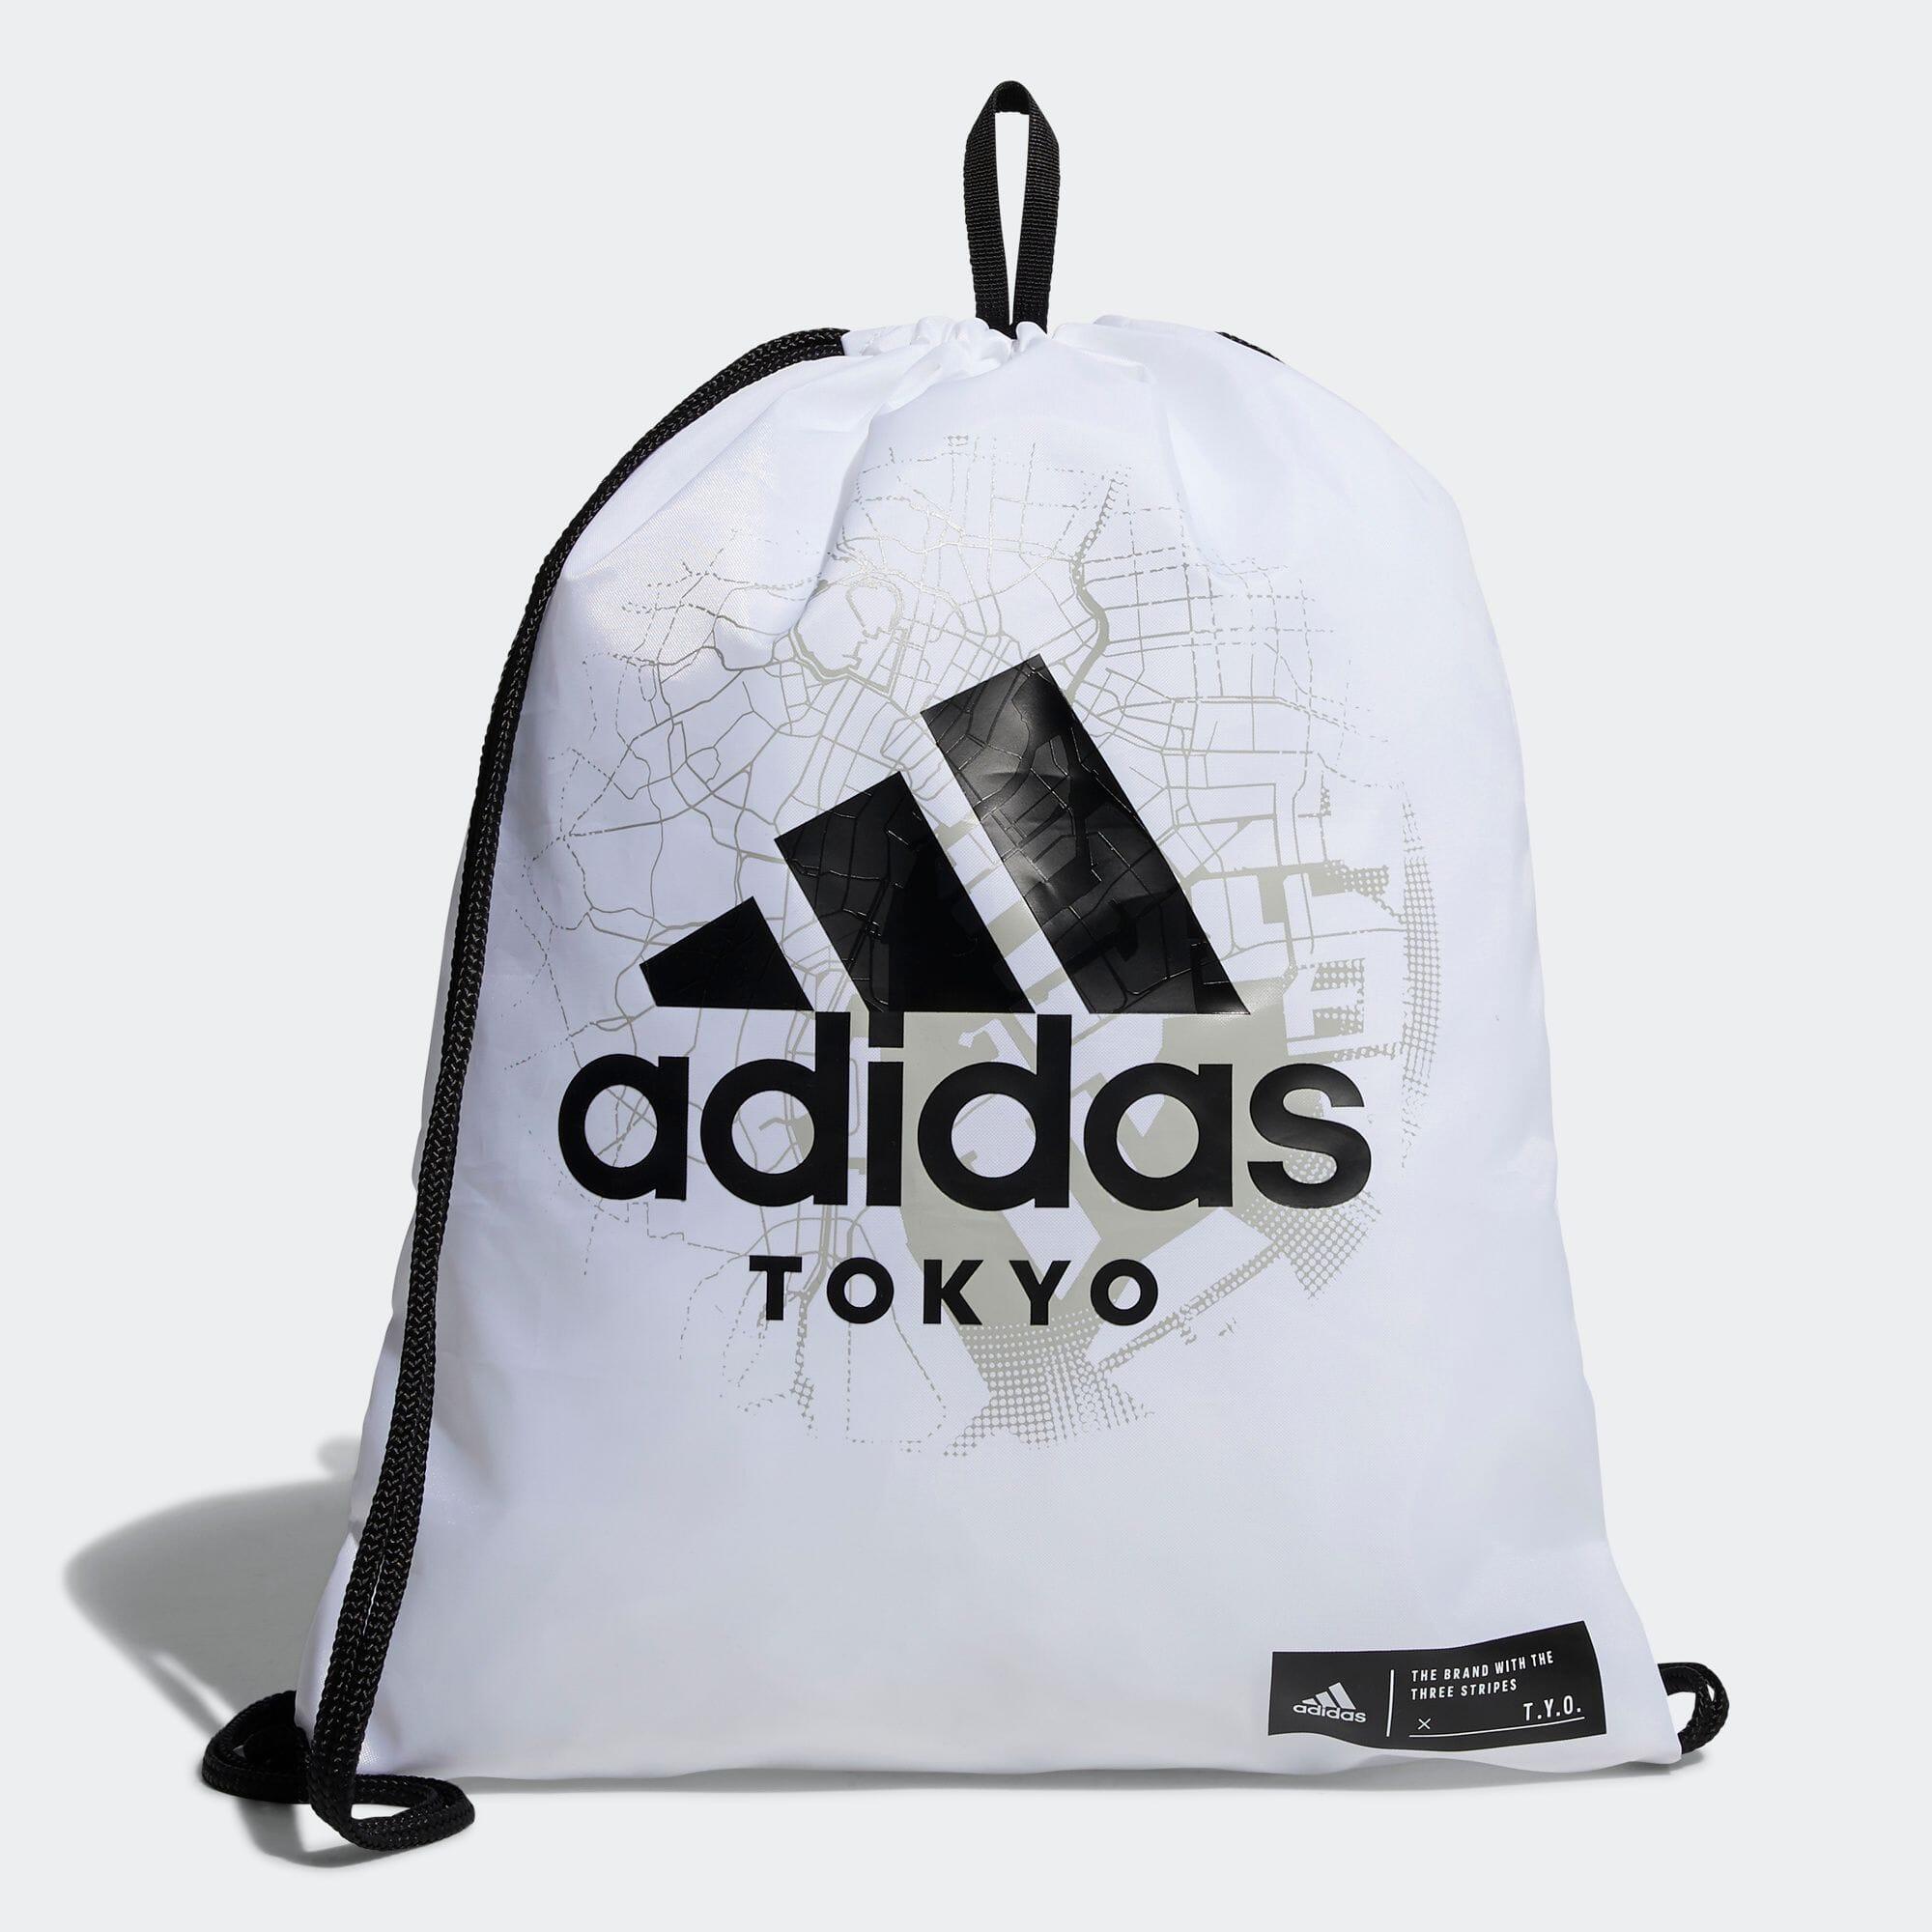 Tokyo ジムバッグ / Tokyo Gym Bag